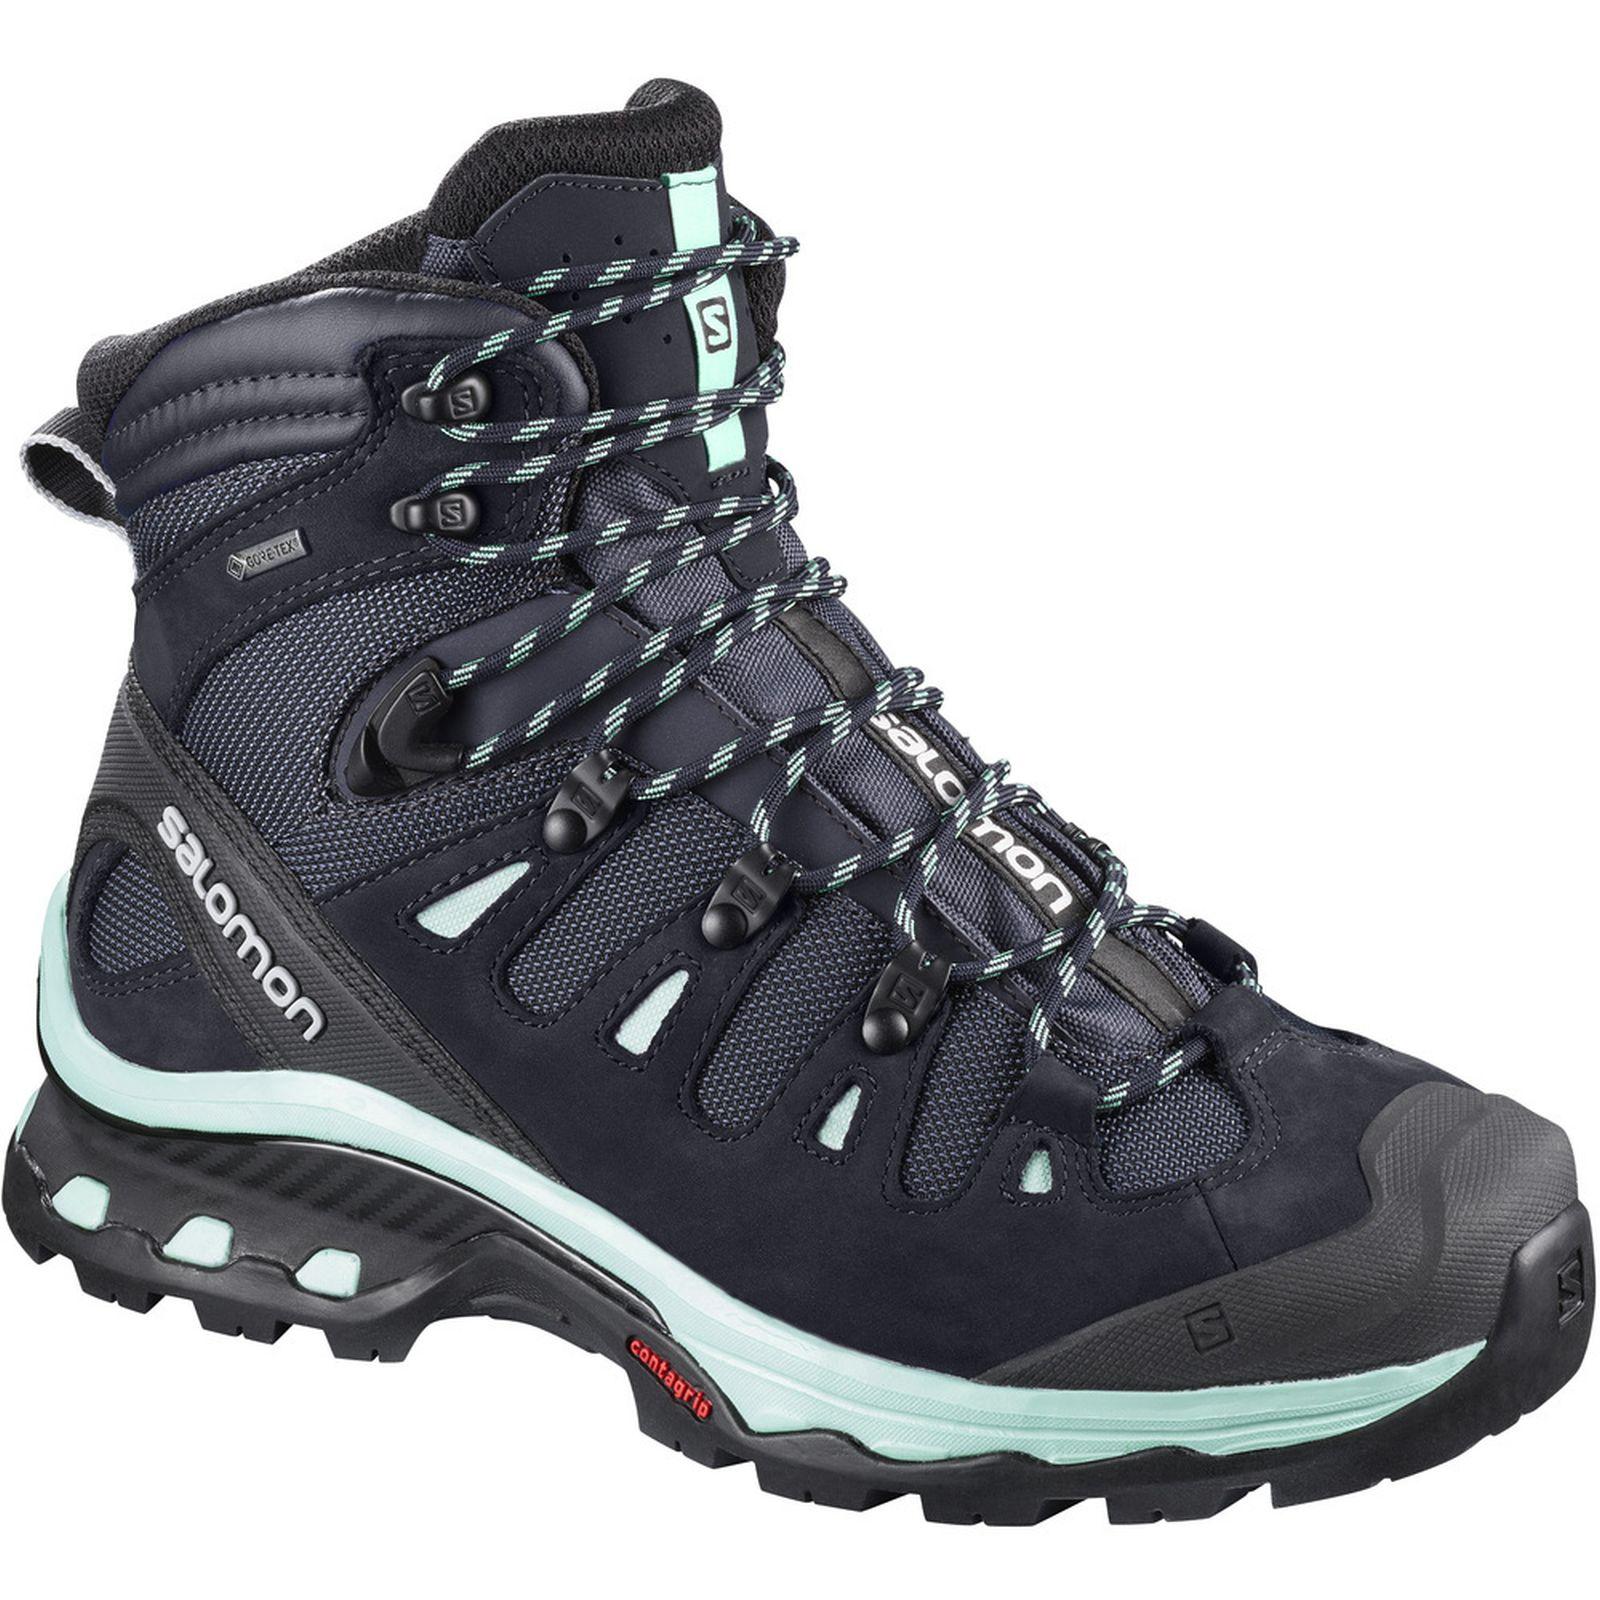 81e4c8aab074fb Der QUEST 4D 3 GTX® WOMEN ist ganz auf Hikingkomfort ausgelegt und dafür  mit Technologien ausgestattet